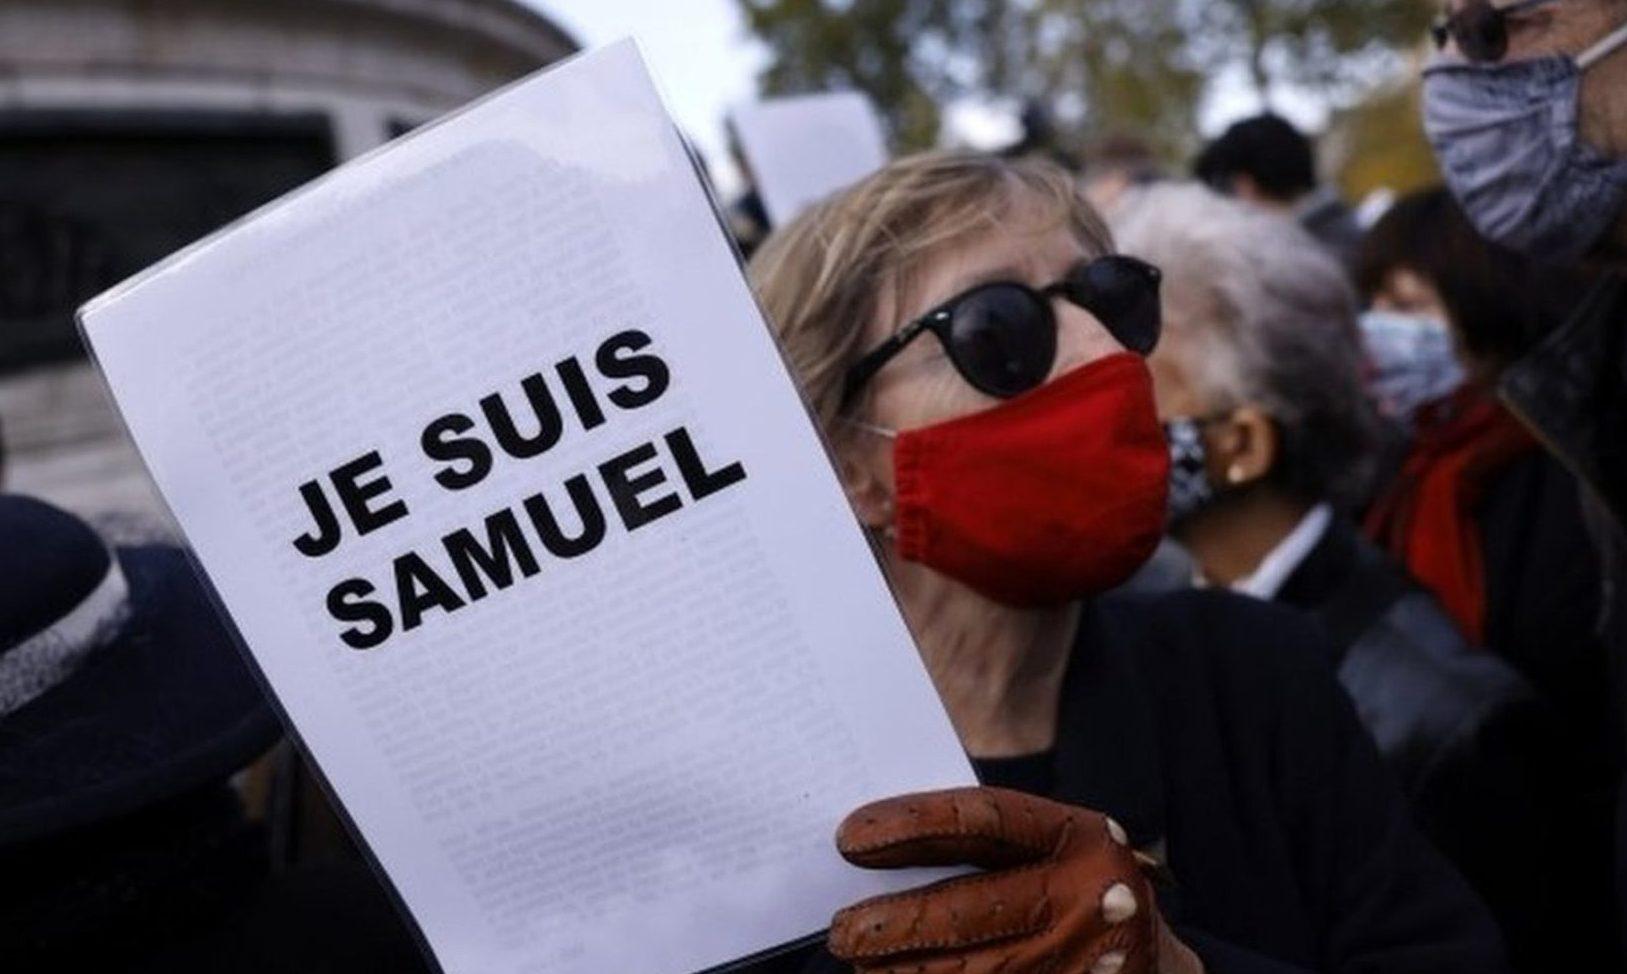 フランスの首都パリでイスラム教徒の風刺画を巡って教師を殺害